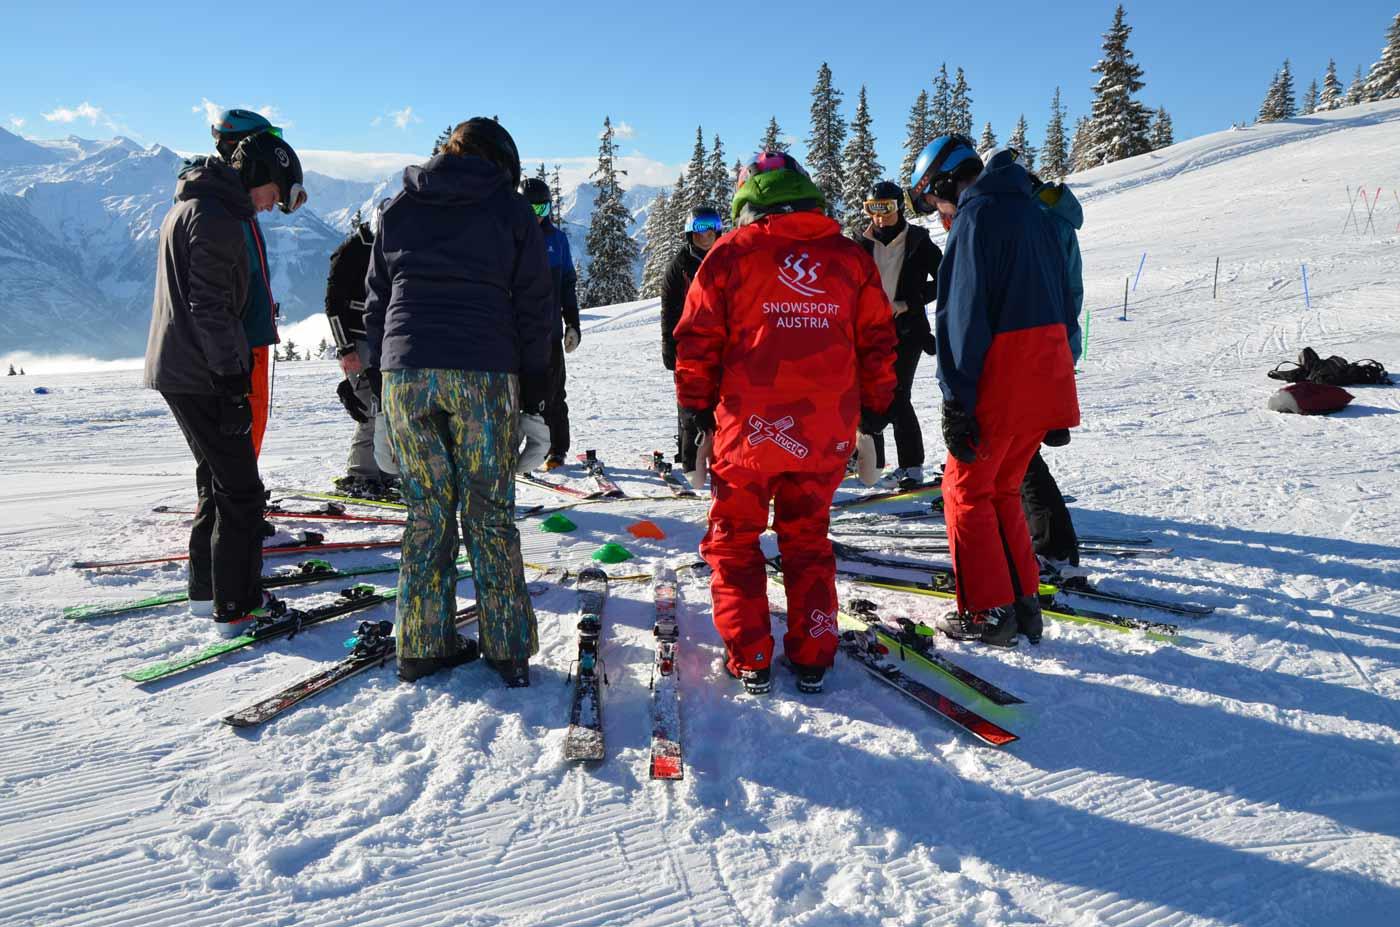 Skileraar met klasje op de piste